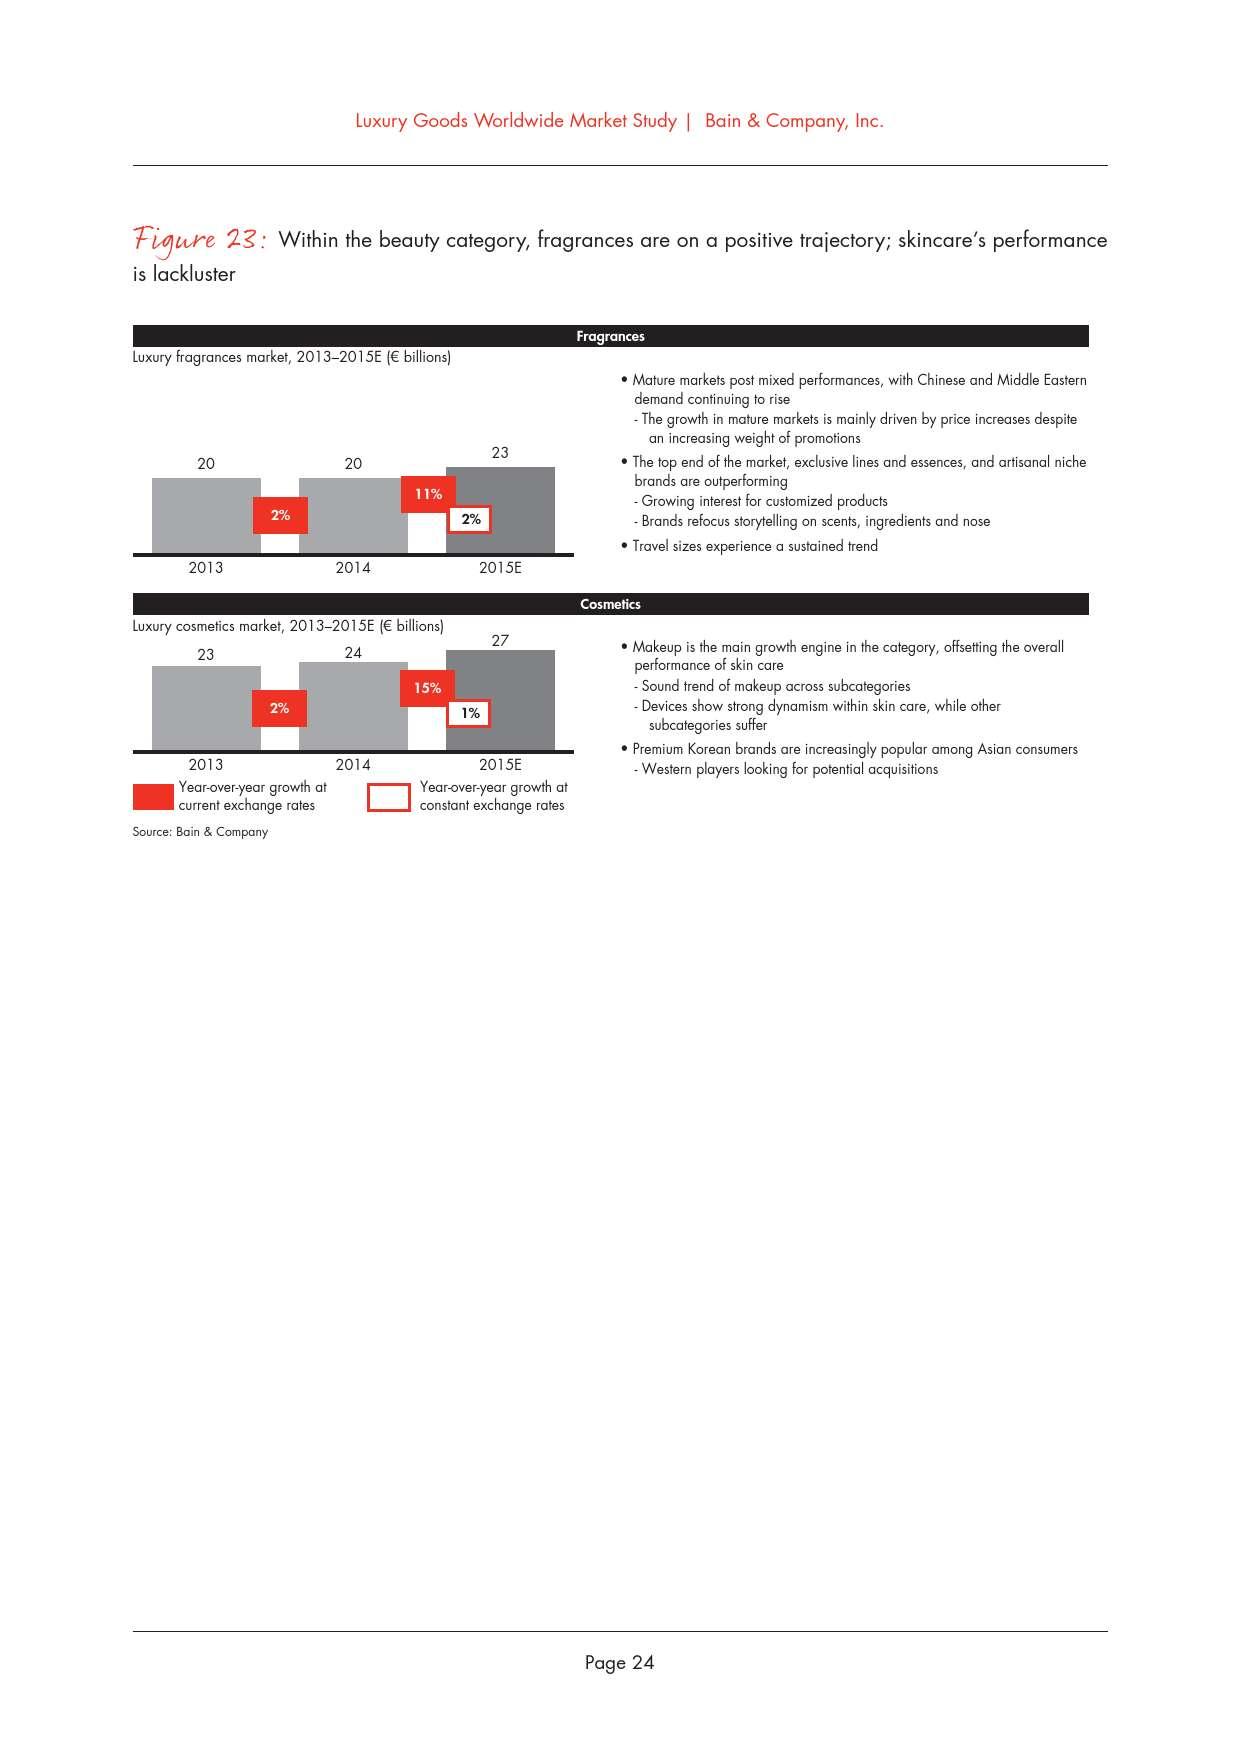 2015年全球奢侈品市场研究_000028